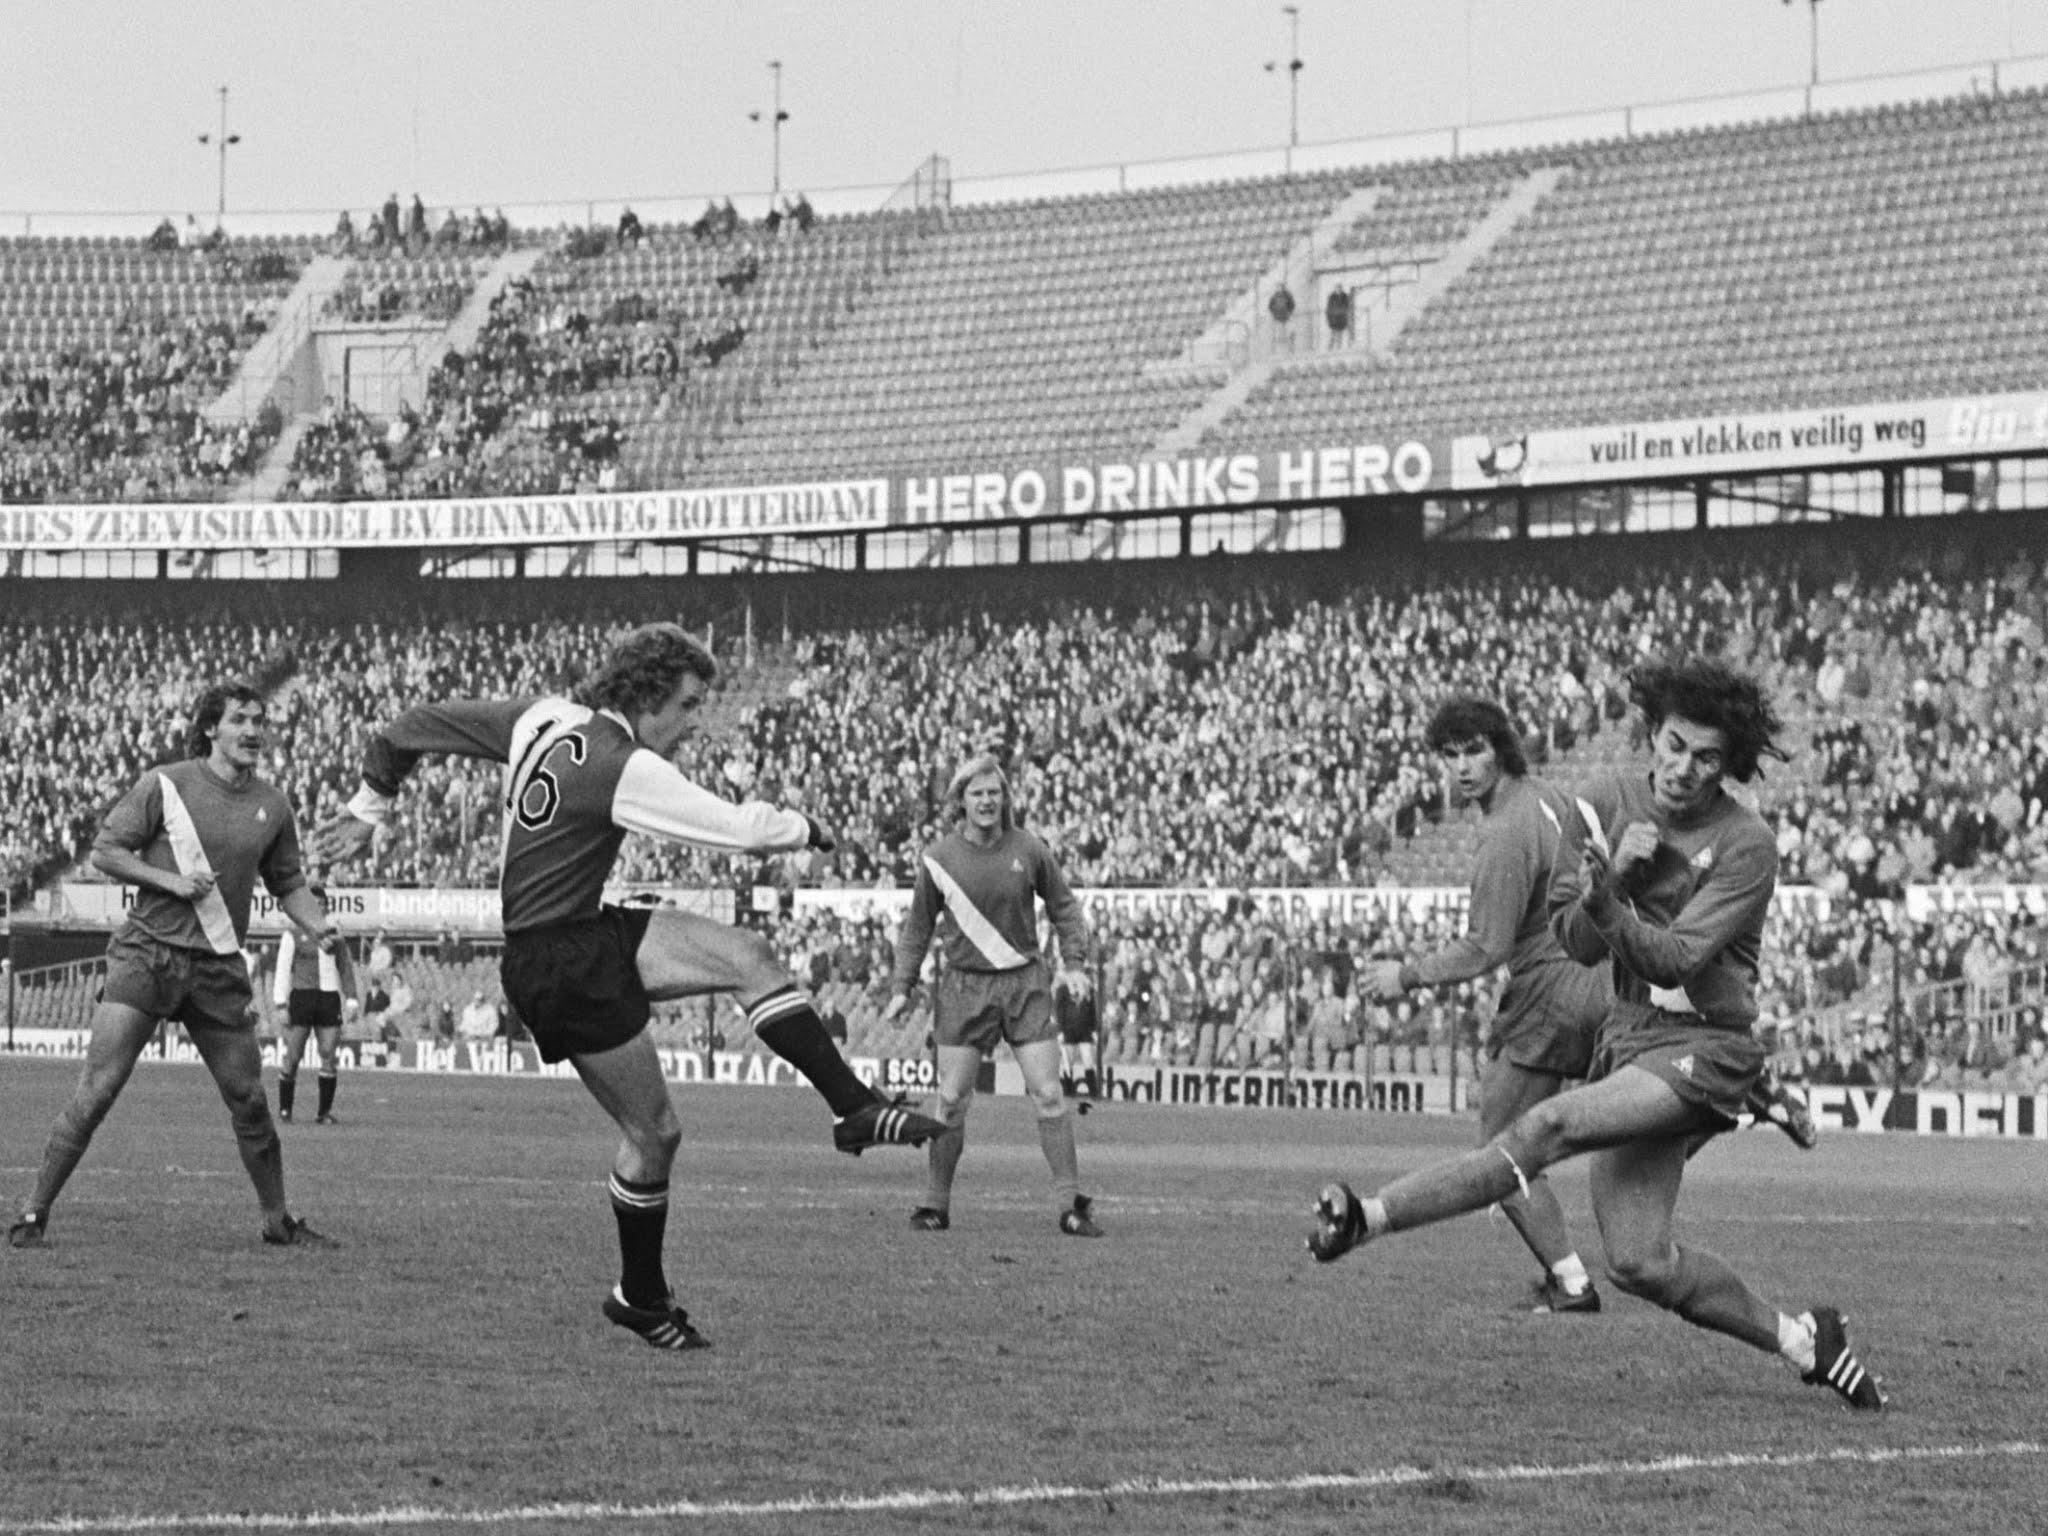 Geoff Wegerle scoort de openingsgoal tegen Sparta